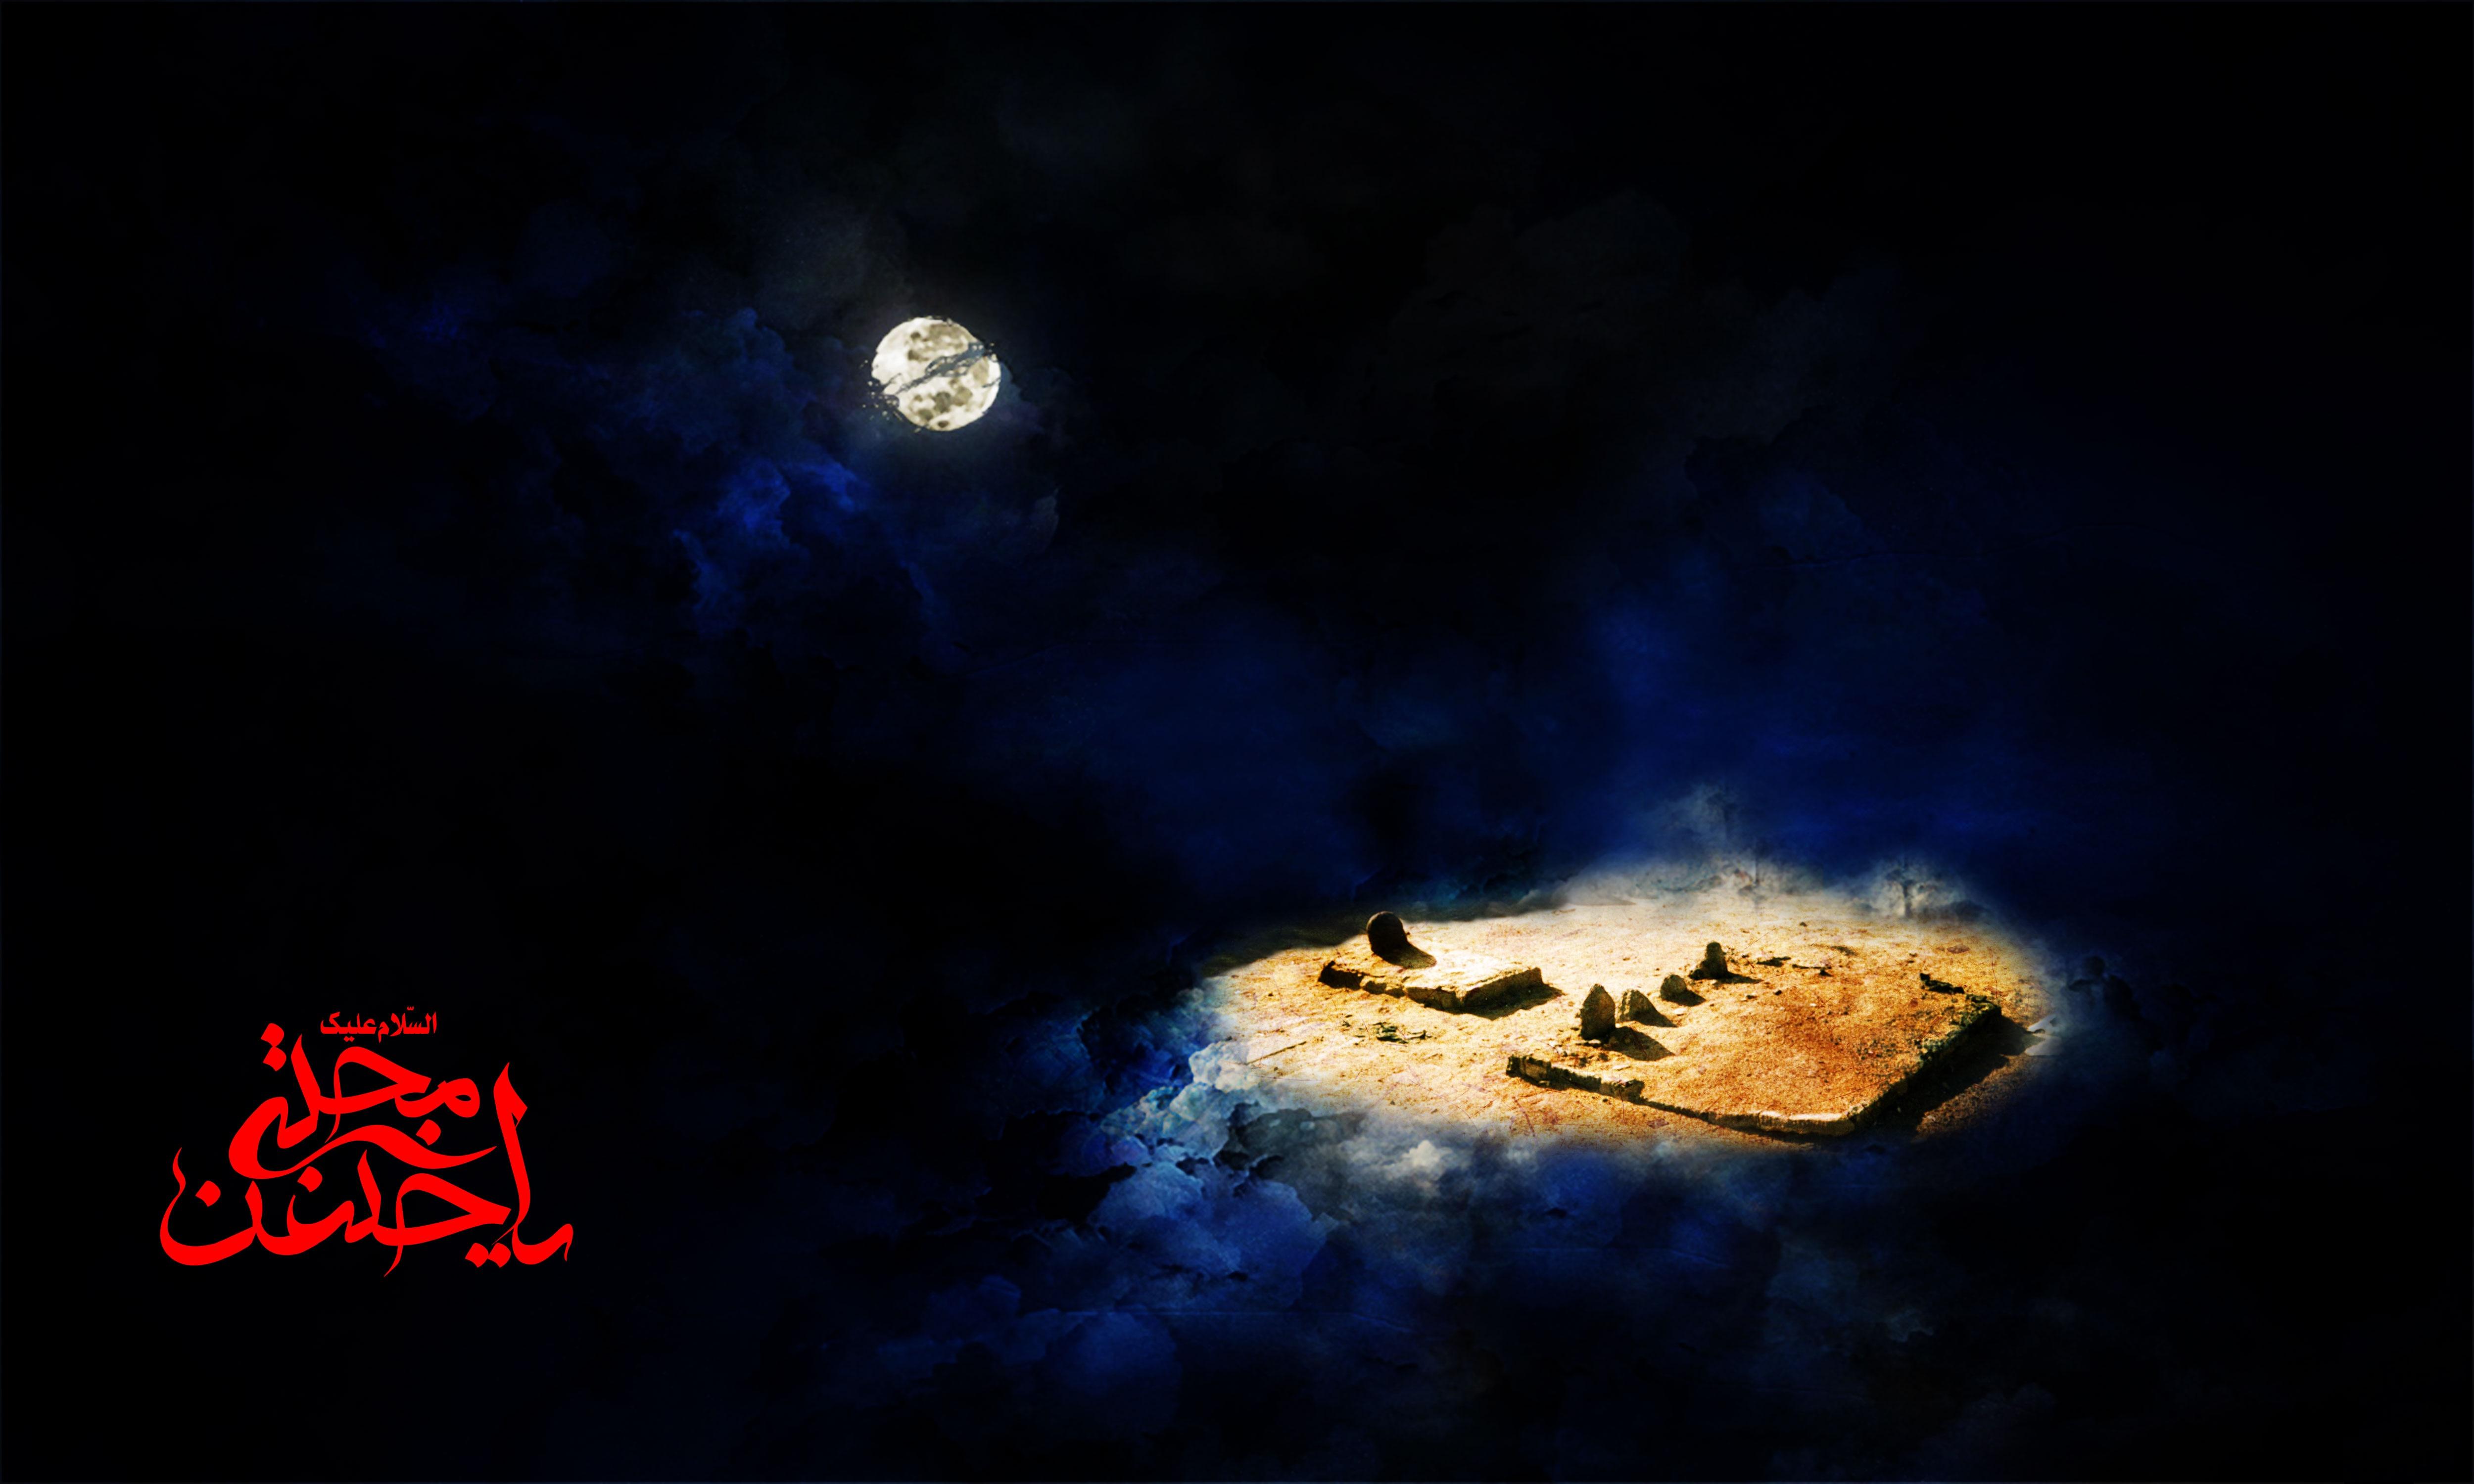 صلح امام حسن (ع) اشکار کننده چهره نفاق صلح طلبی بنی امیه